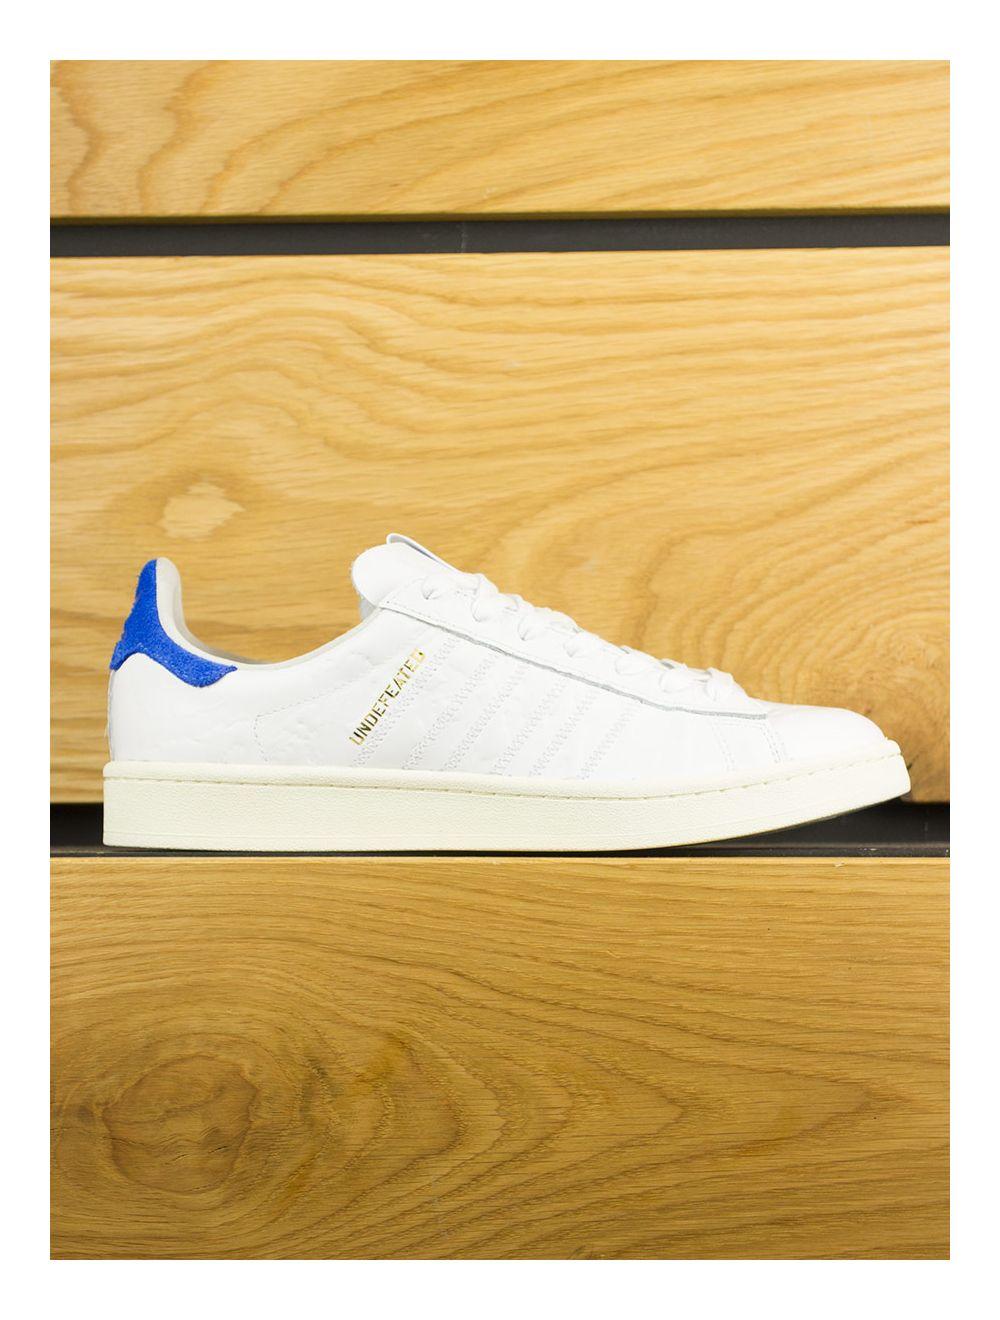 prix compétitif 60e5a 4672c Adidas Campus S.E. Undftd Colette - White Blue